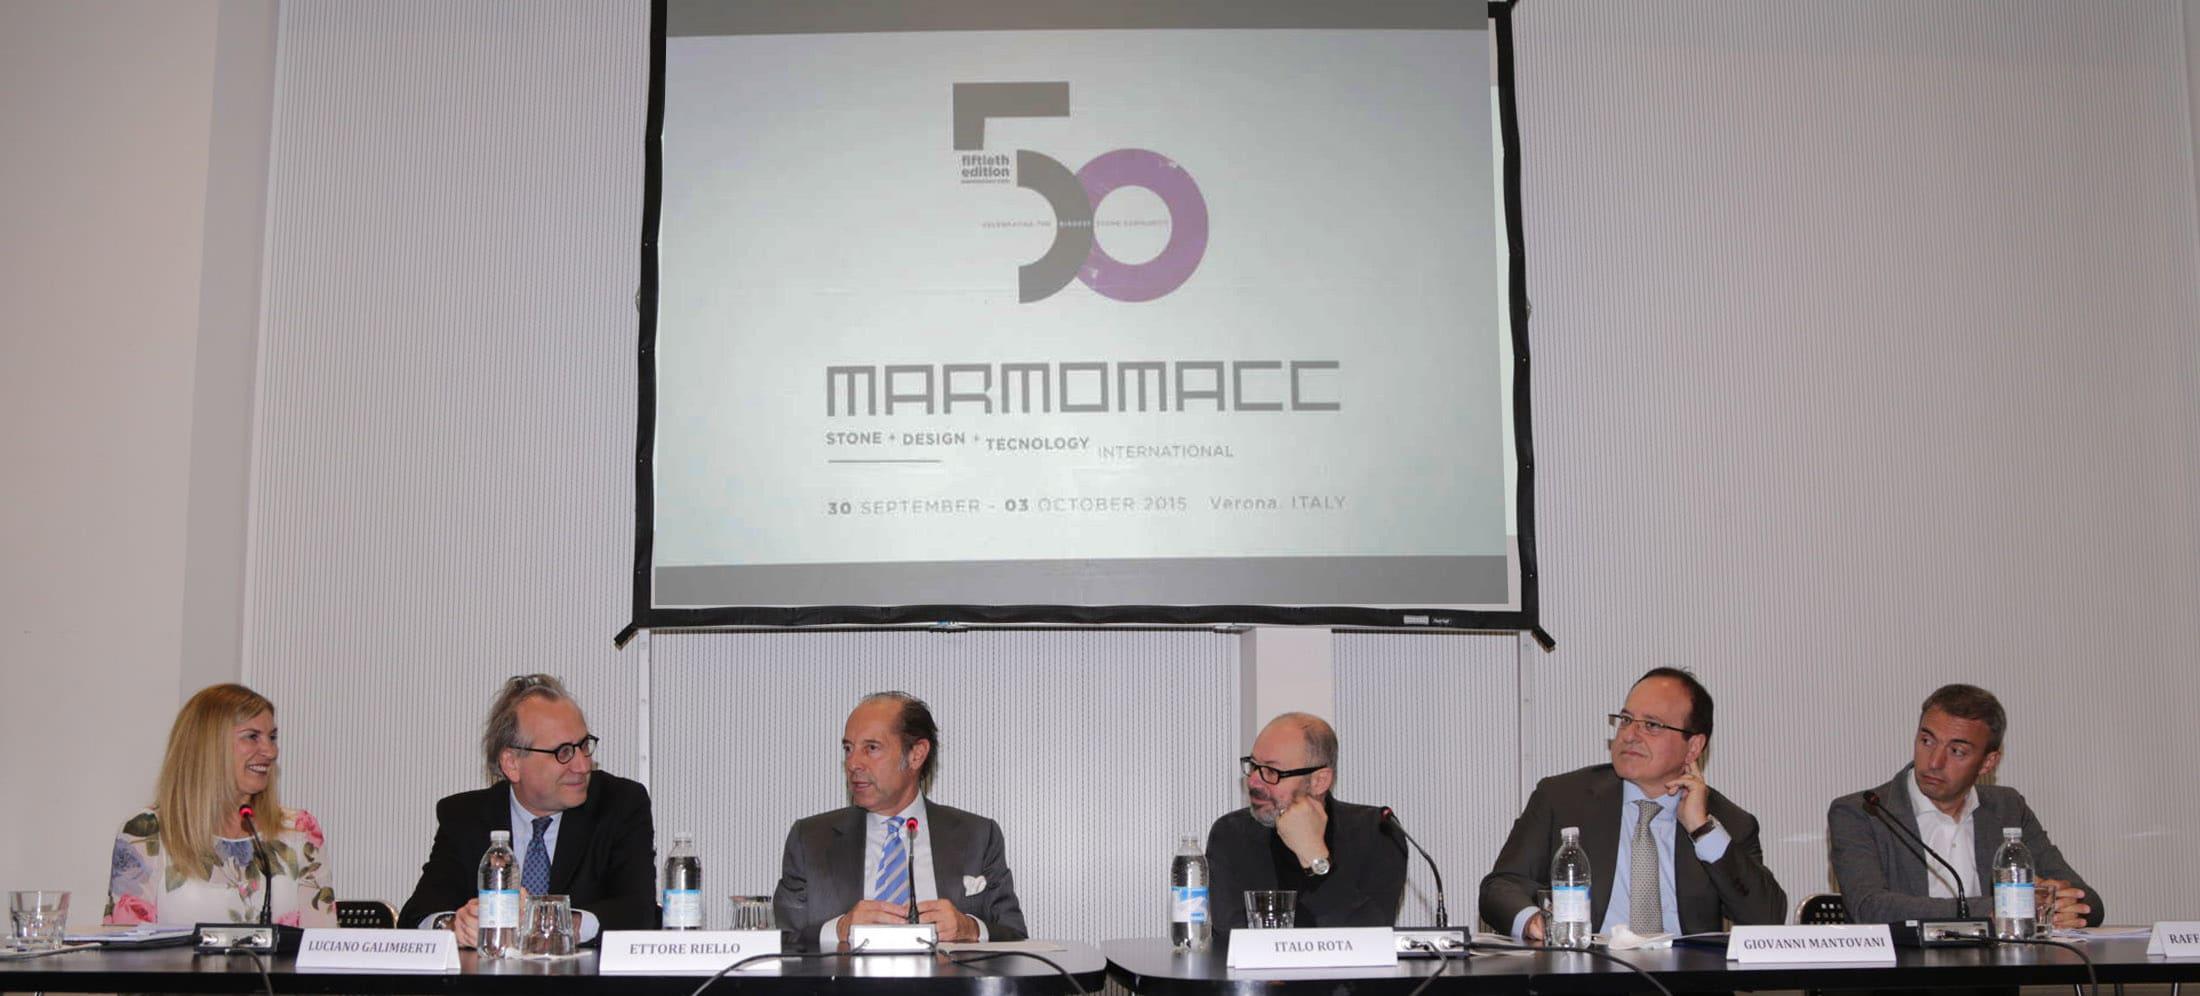 50° edizione di Marmomacc con Abitare il Tempo